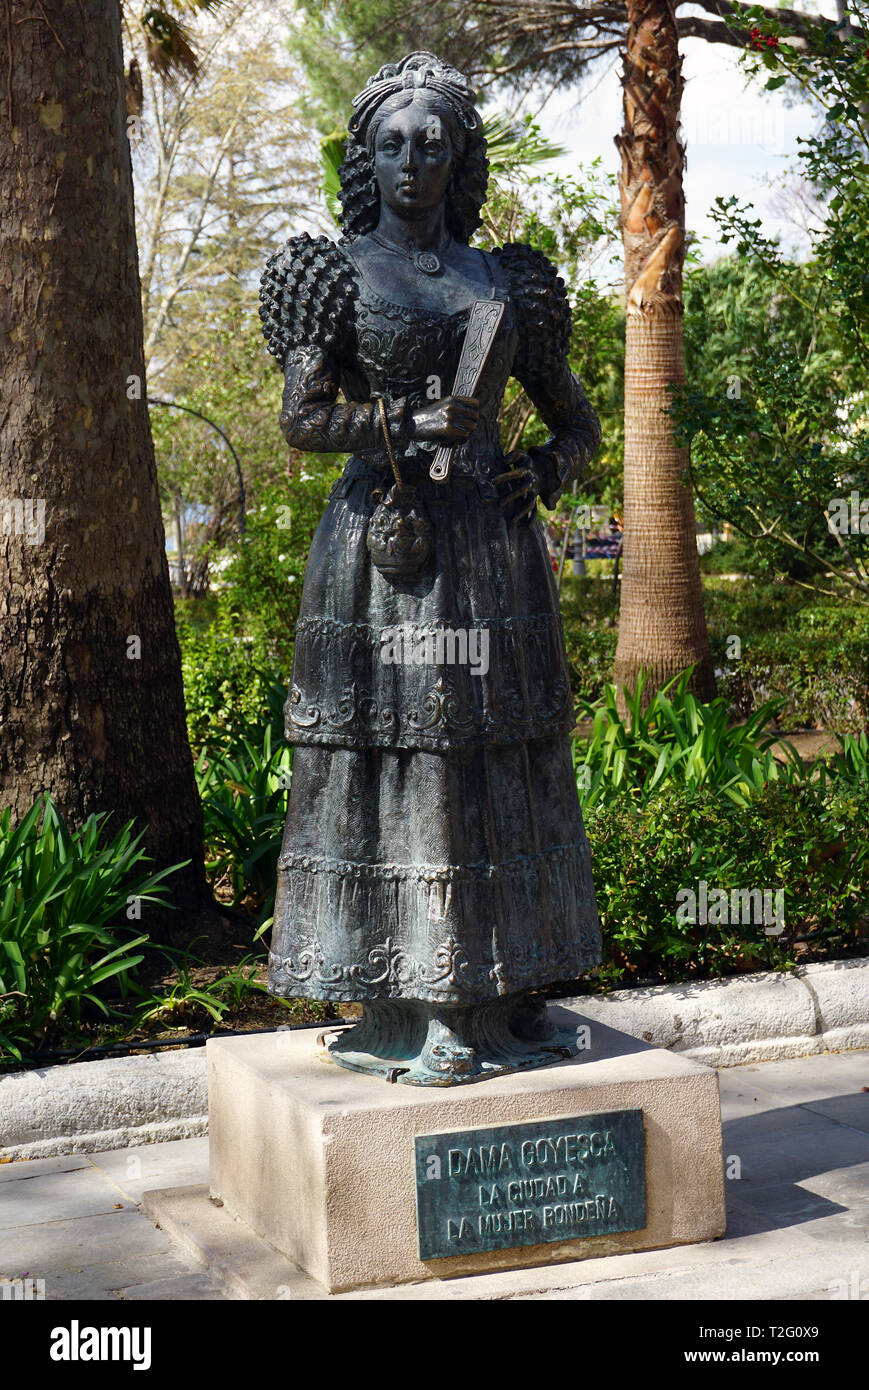 Dama Goyesca at the Alameda del Tajo Park in Ronda Spain - Stock Image